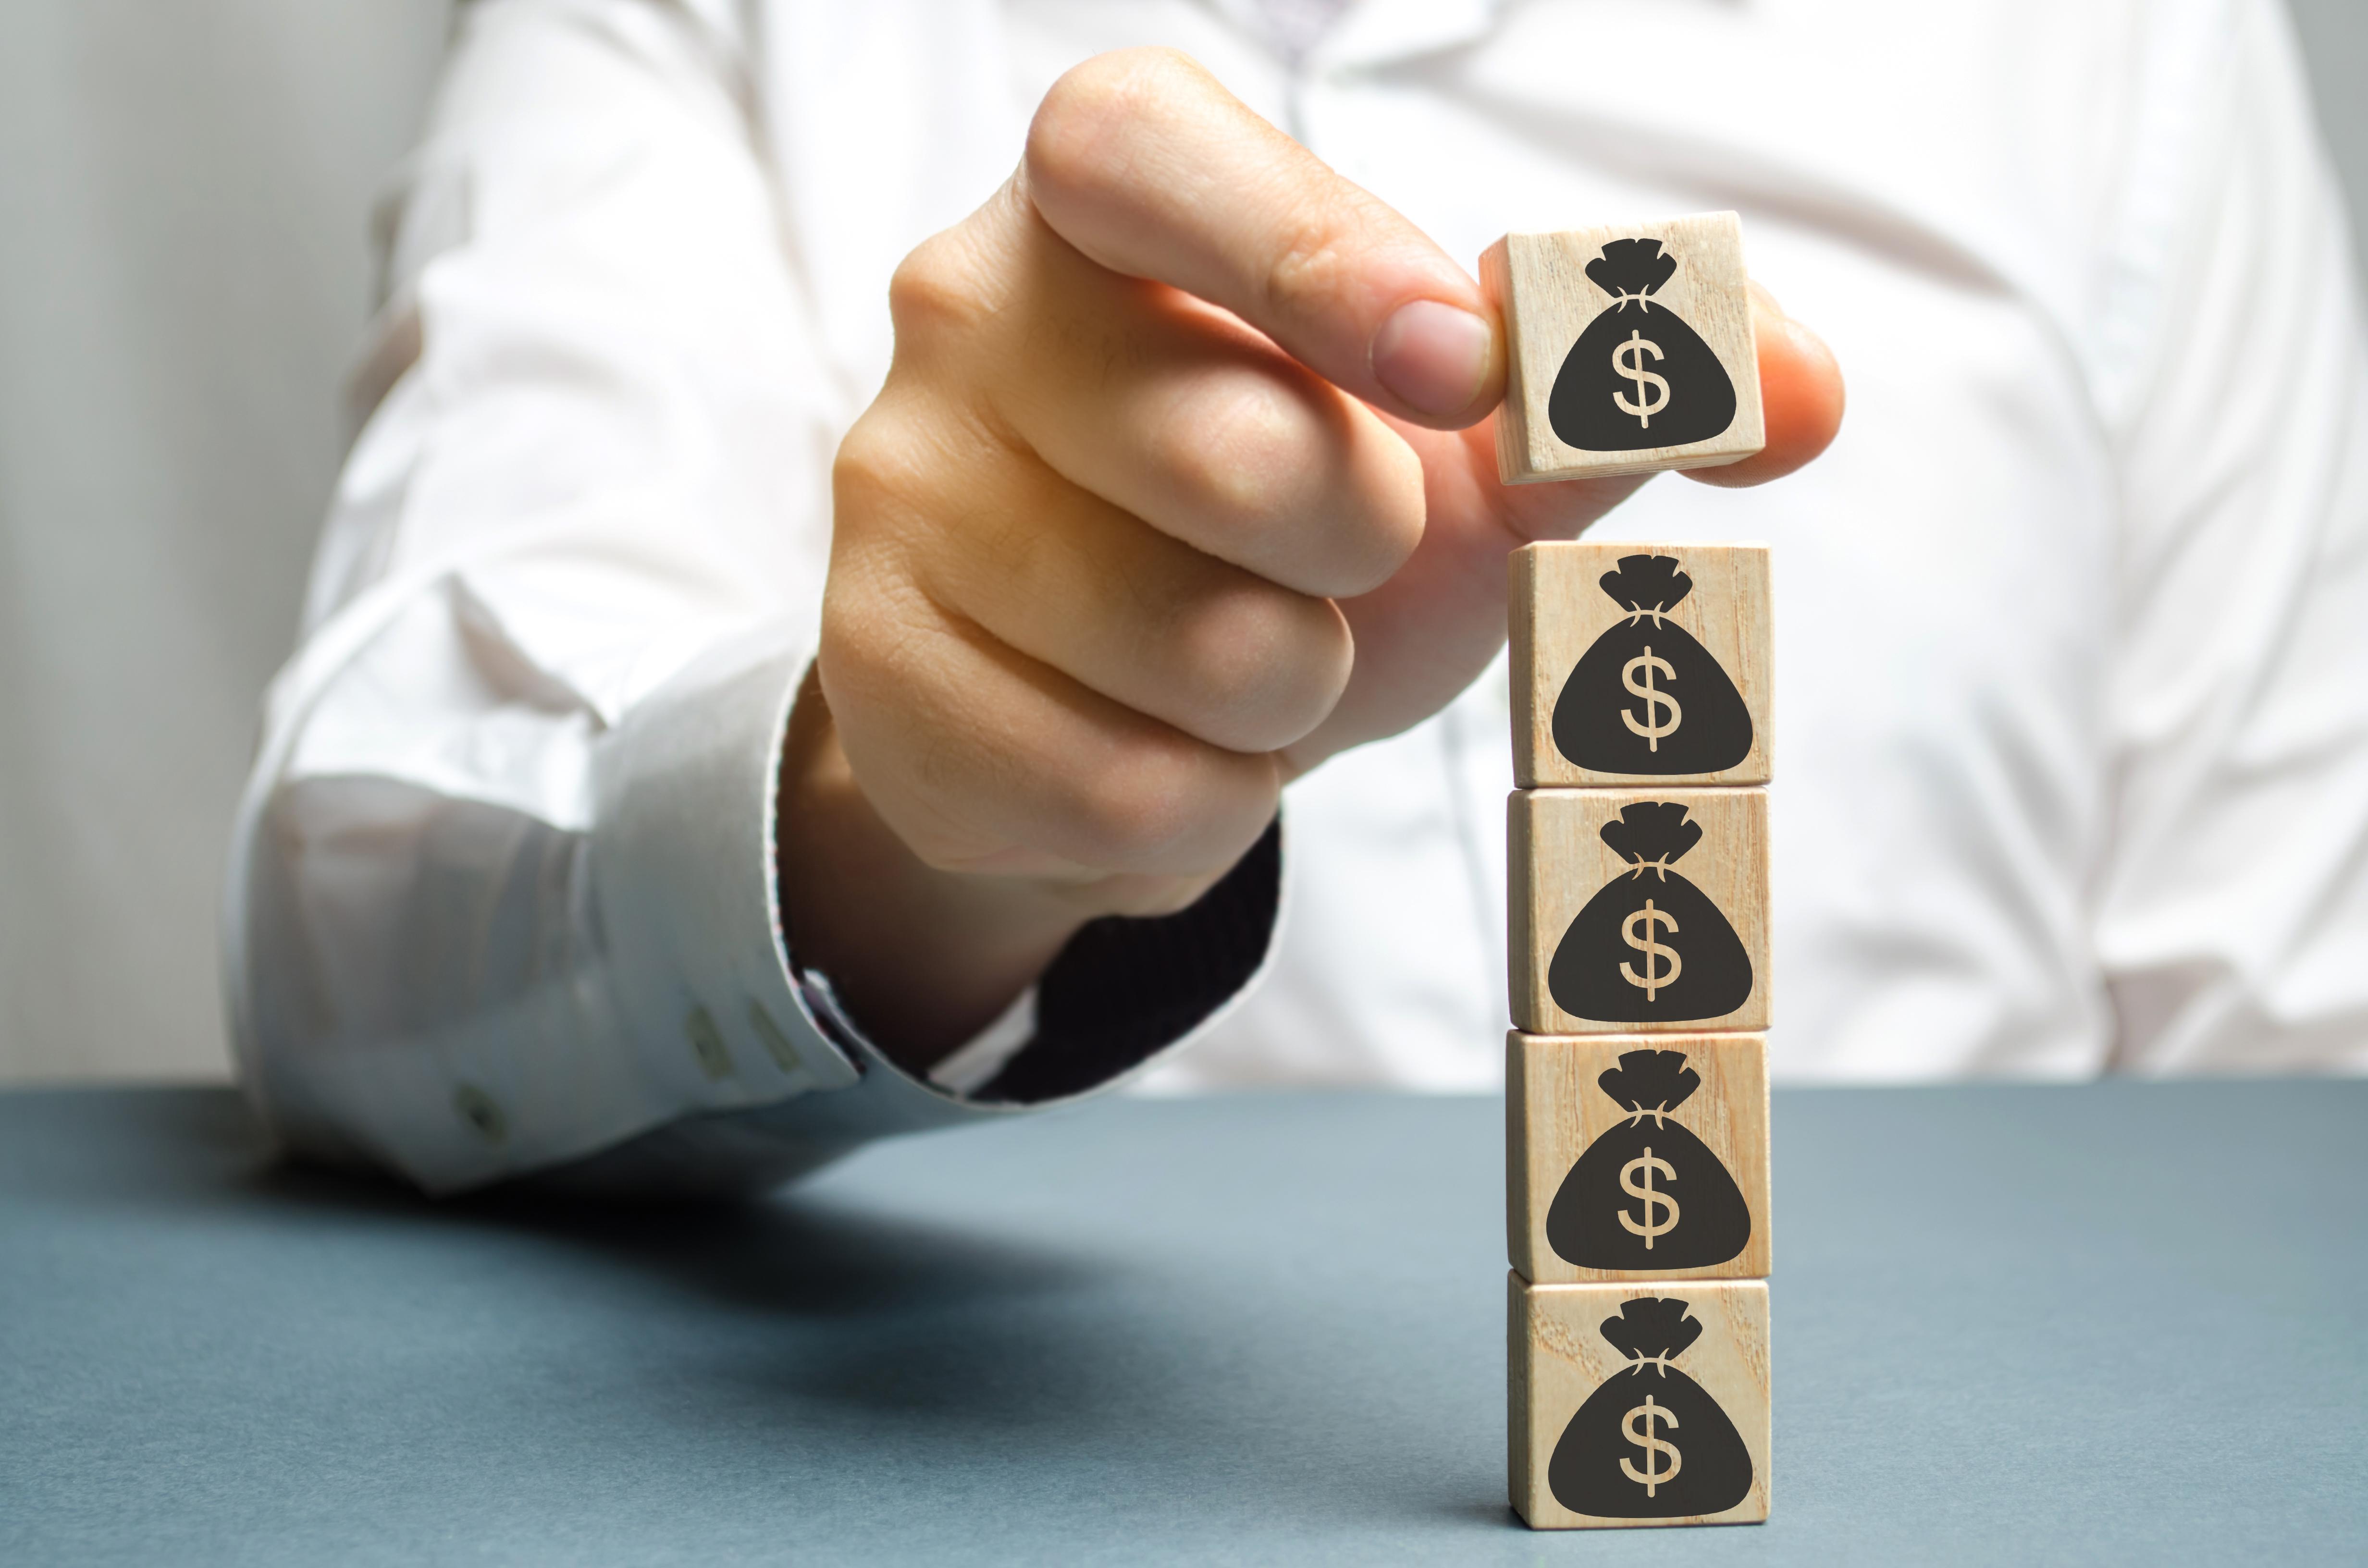 Yrityspalvelusetelit haettavaksi 1. marraskuuta – tarjolla 5000 euroa liiketoiminnan kehittämiseen